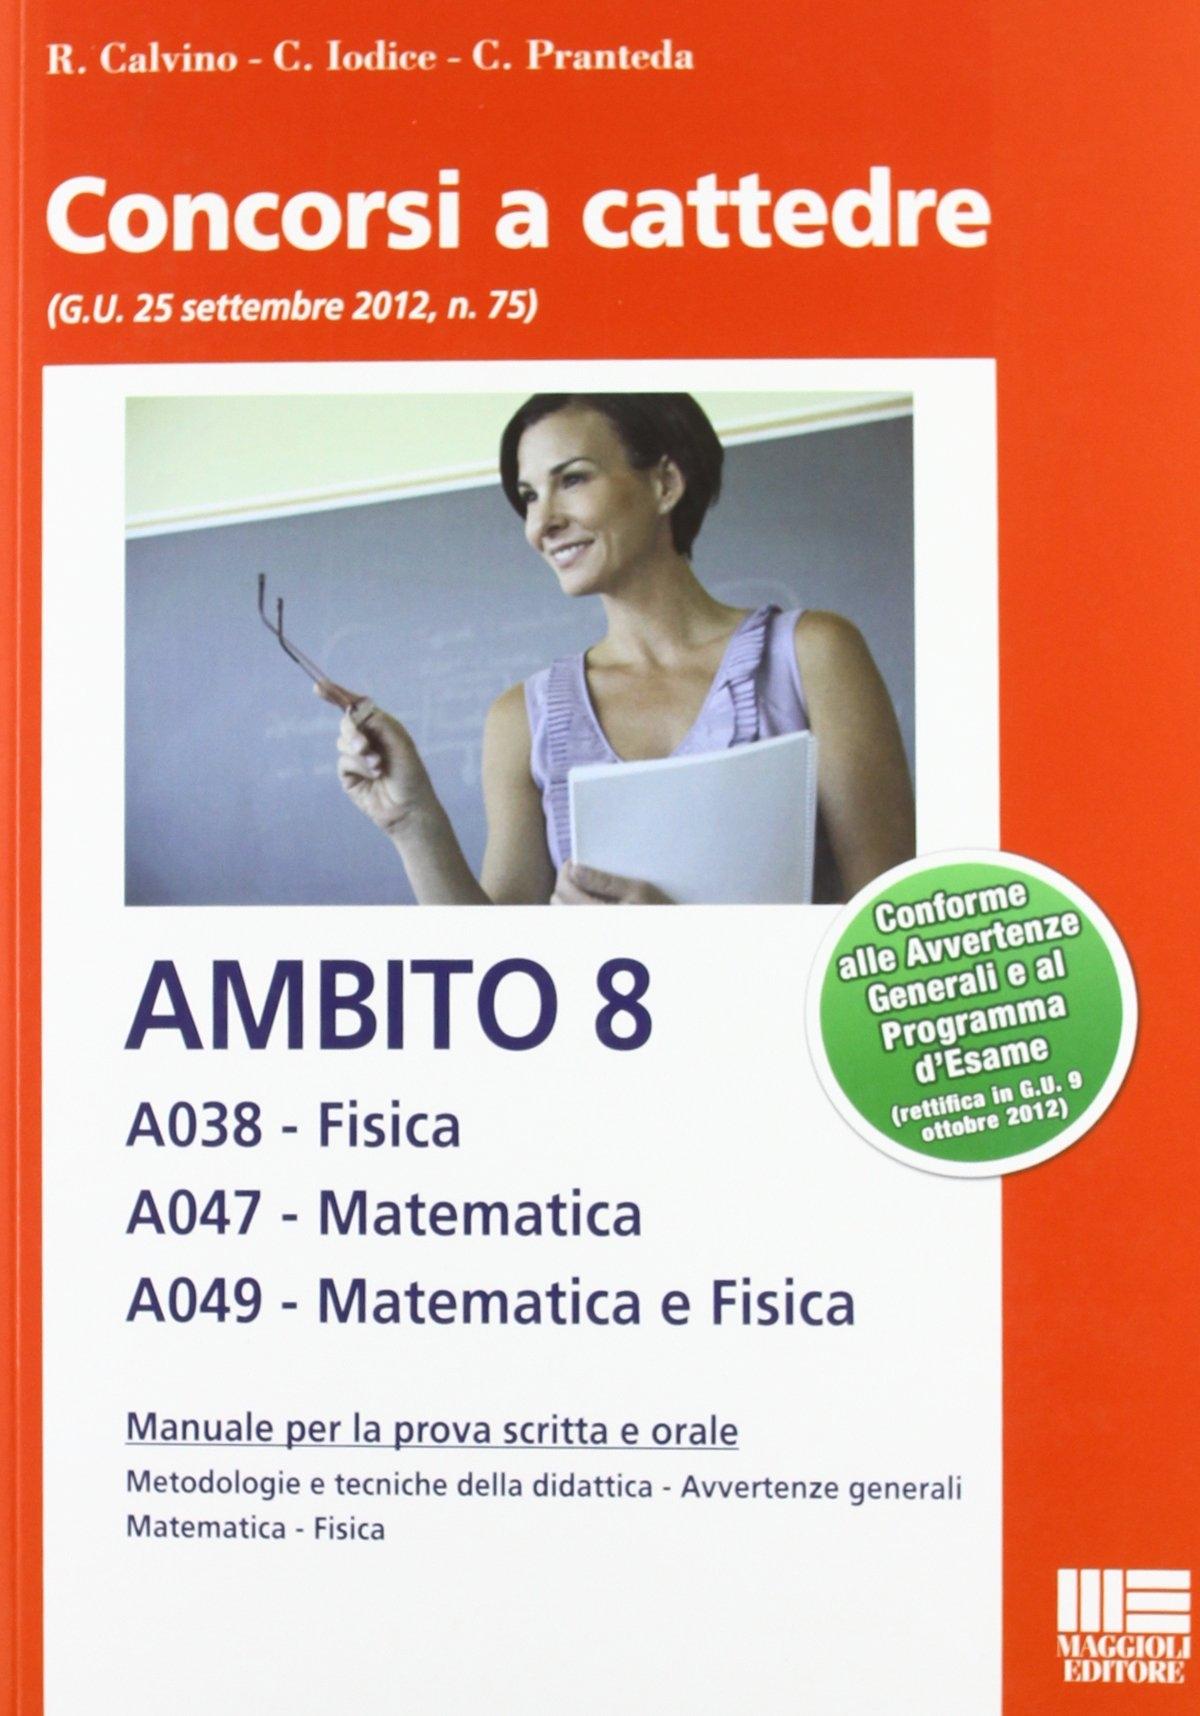 Concorsi a cattedere. Ambito 8. A038. Fisica. A047. Matematica. A049. Matematica e Fisica